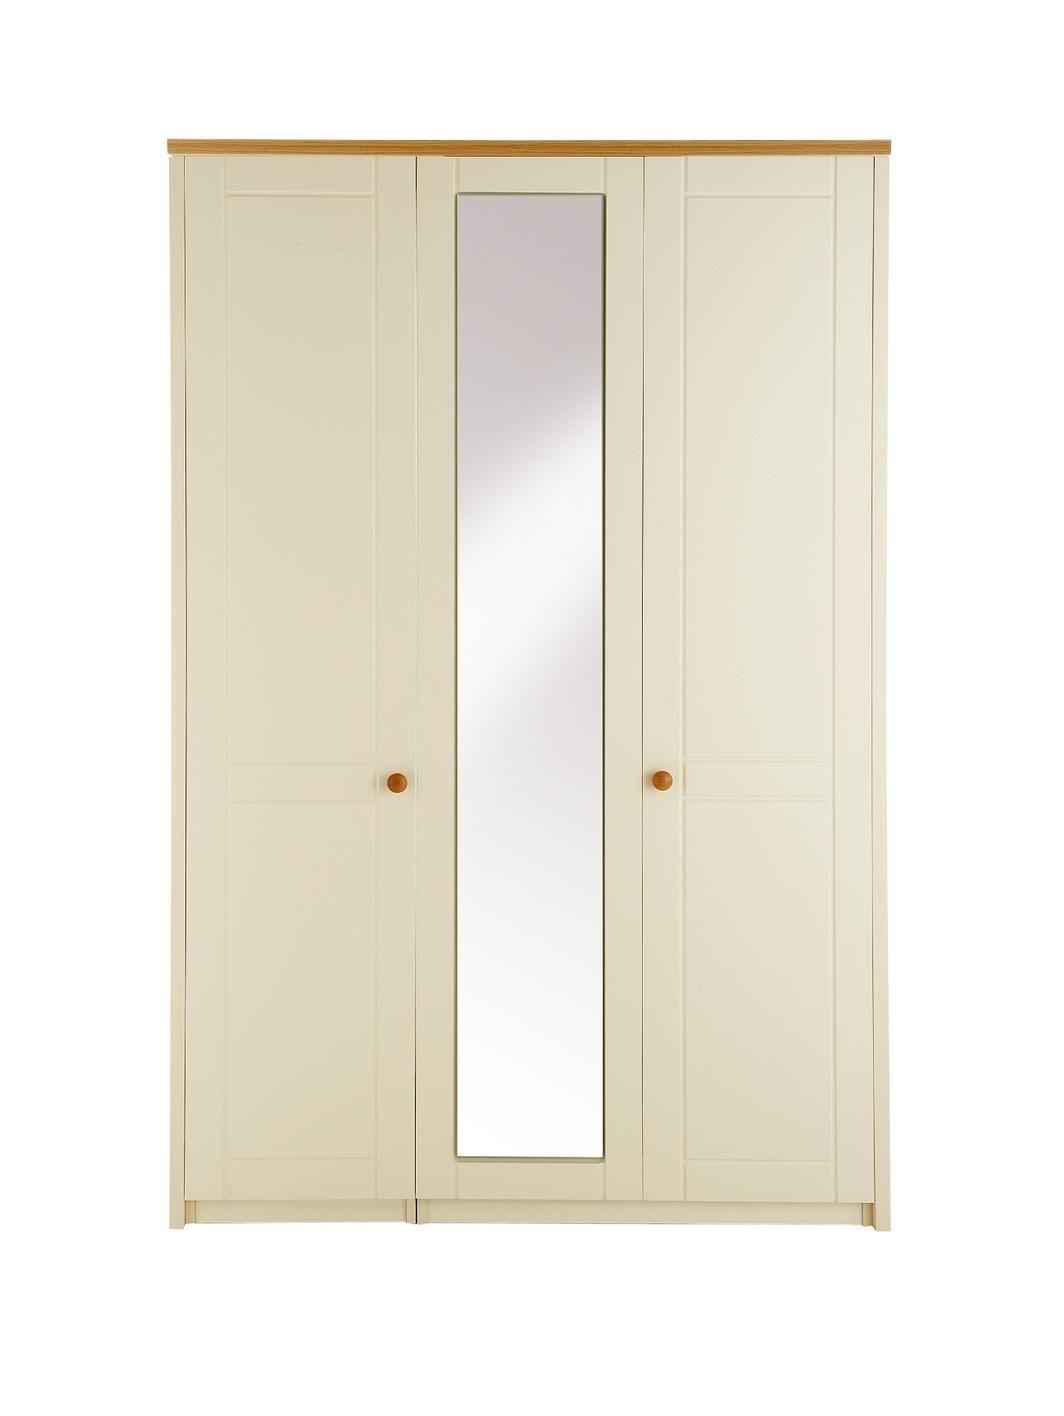 Alderley 3-Door Mirrored Wardrobe, http://www.very.co.uk/alderley-3-door-mirrored-wardrobe/1291364968.prd